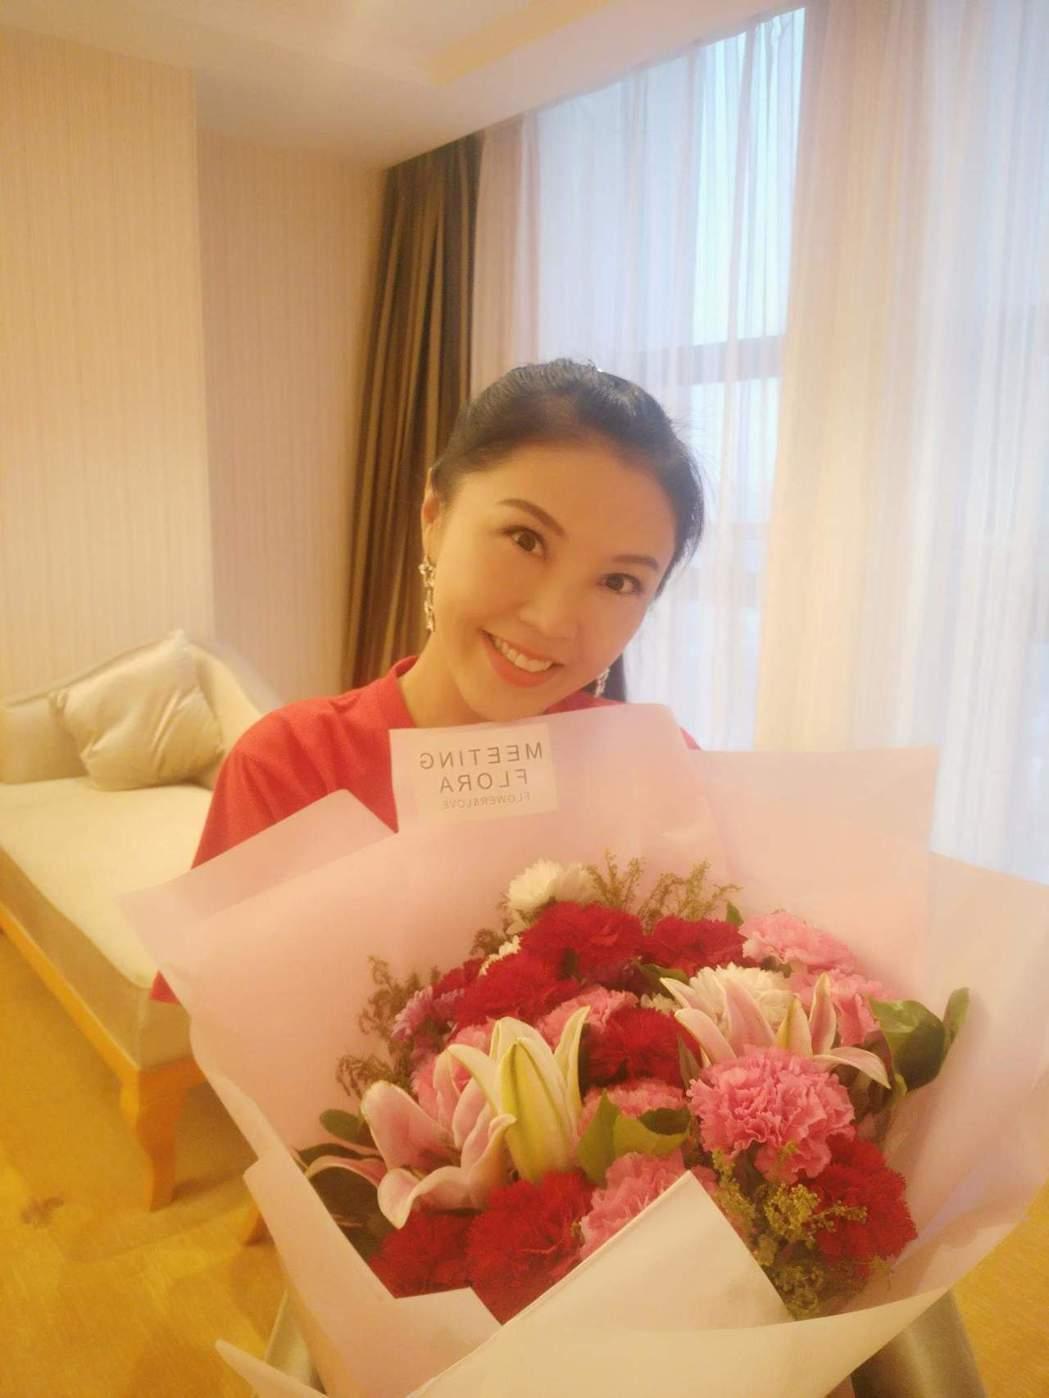 劉樂妍有「女版黃安」稱號。圖/摘自臉書